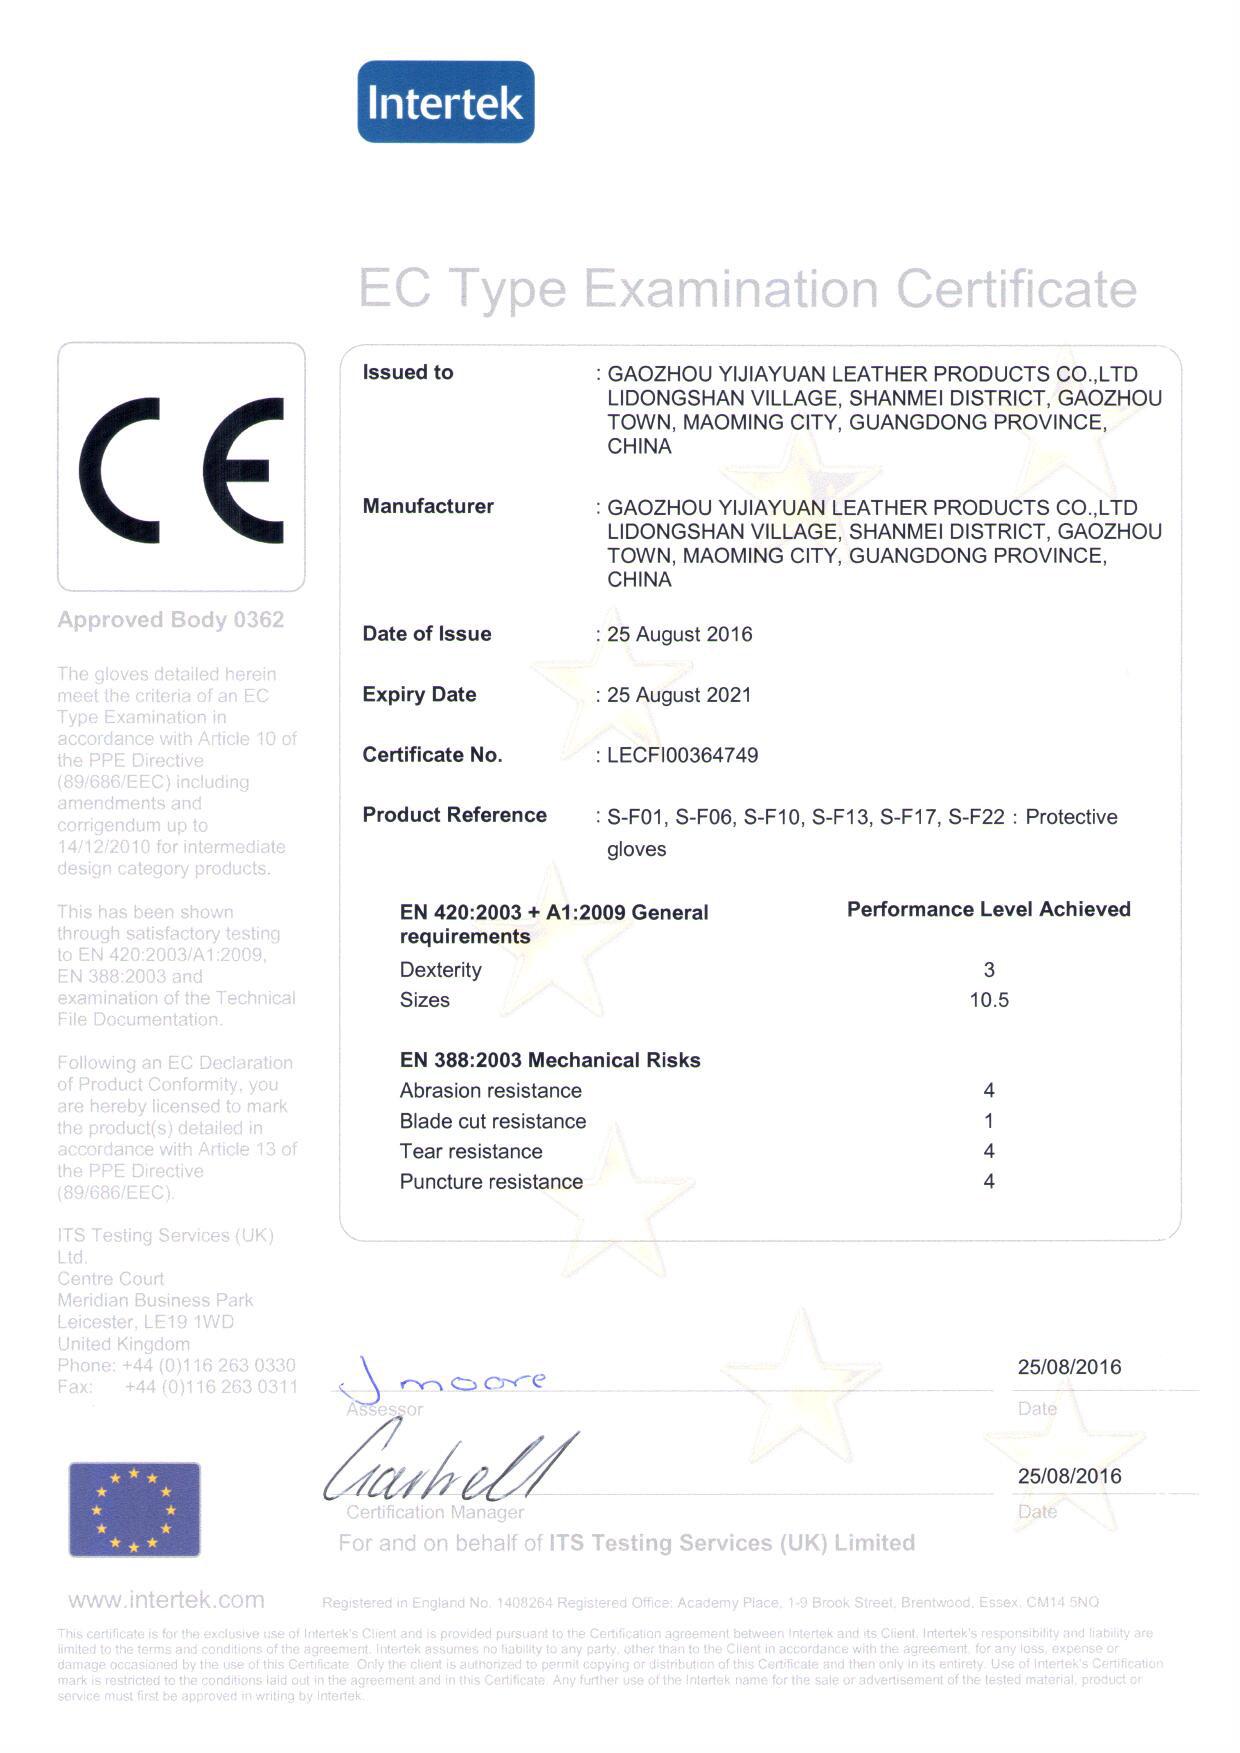 CE EN388